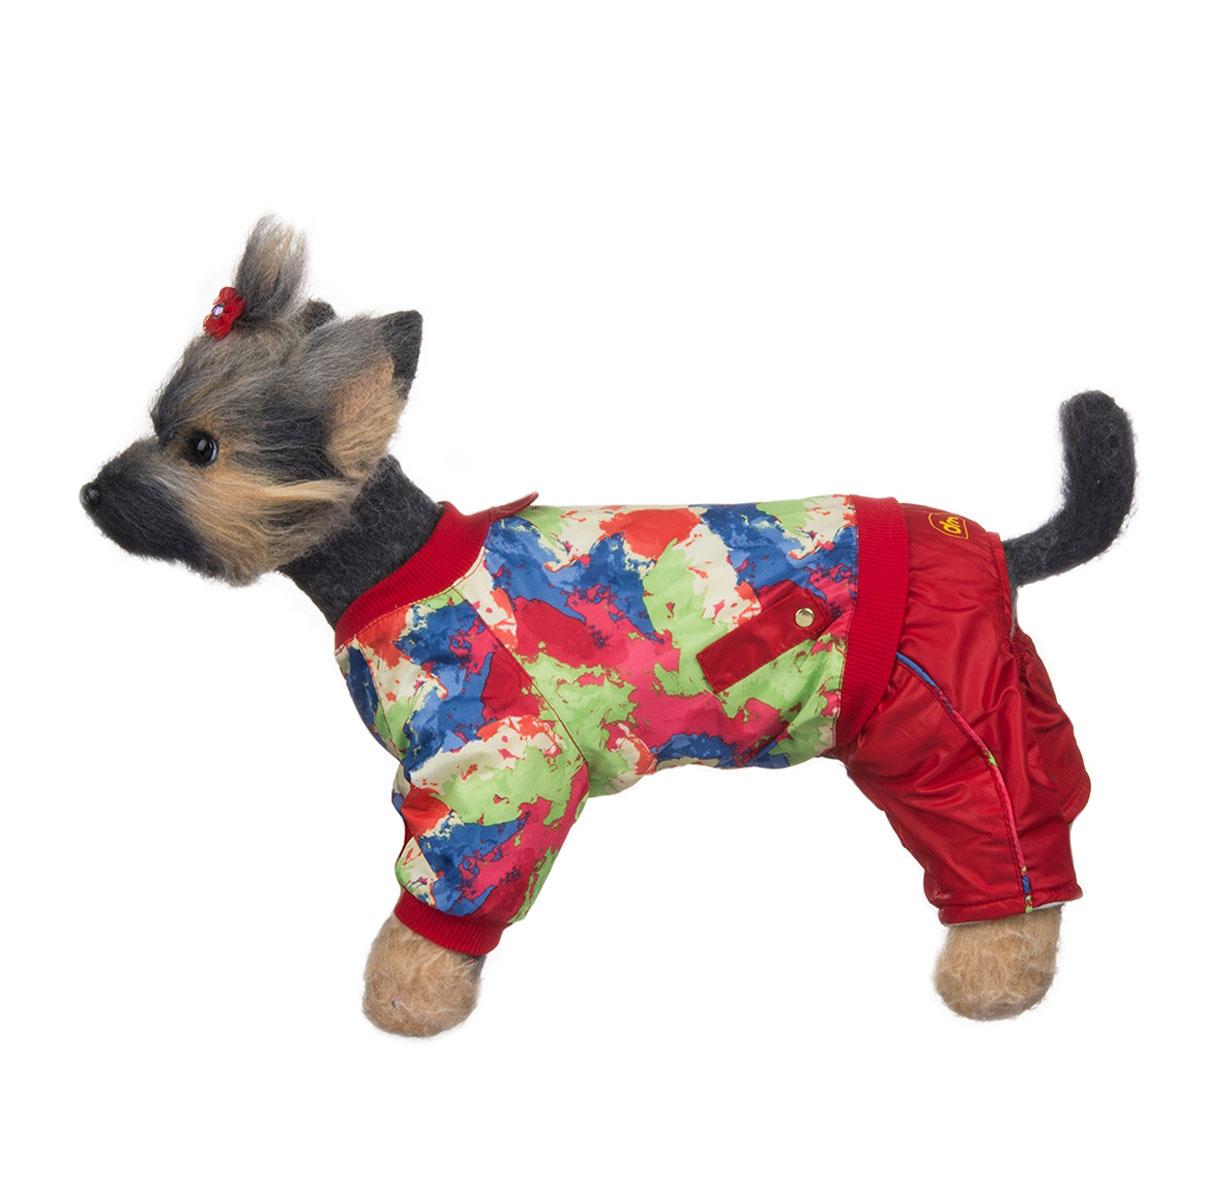 Комбинезон для собак Dogmoda Акварель, для девочки, цвет: красный, синий, зеленый. Размер 2 (M)DM-150311-2Комбинезон для собак Dogmoda Акварель отлично подойдет для прогулок поздней осенью или ранней весной. Комбинезон изготовлен из полиэстера, защищающего от ветра и осадков, с подкладкой из флиса, которая сохранит тепло и обеспечит отличный воздухообмен. Комбинезон застегивается на кнопки, благодаря чему его легко надевать и снимать. Ворот, низ рукавов оснащены широкими трикотажными манжетами, которые мягко обхватывают шею и лапки, не позволяя просачиваться холодному воздуху. На пояснице комбинезон декорирован трикотажной резинкой. Благодаря такому комбинезону простуда не грозит вашему питомцу и он не даст любимцу продрогнуть на прогулке.